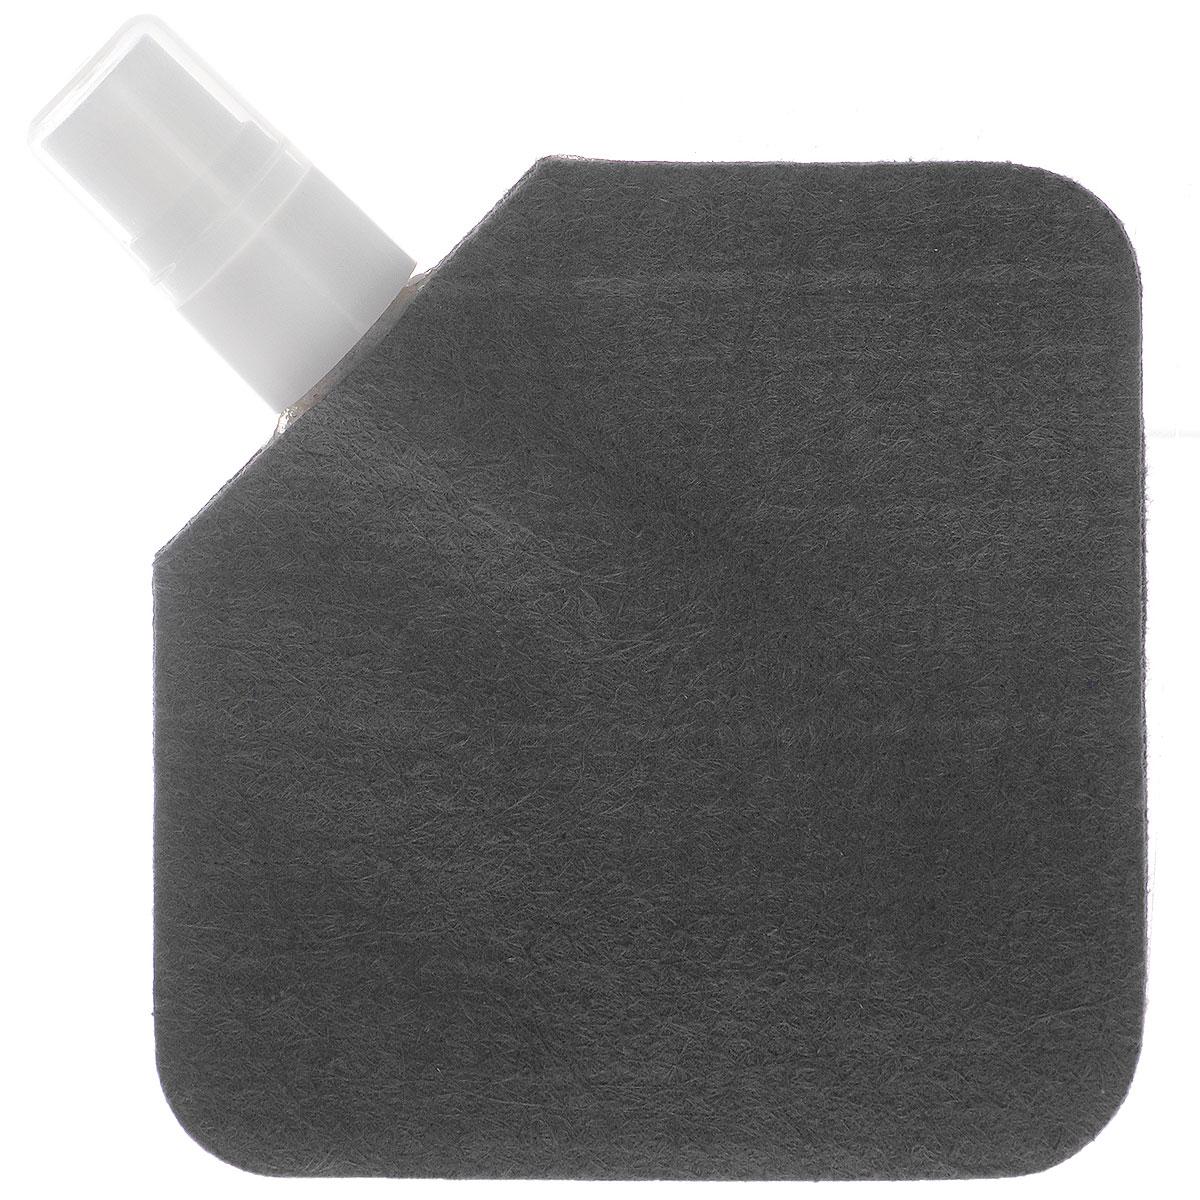 Мoderna 20475 чистящее средство-салфетка20475Чистящее средство-салфетка используется для ухода и очистки экранов планшетов, смартфонов и других оптических поверхностей. Не содержит спиртов и растворителей, безопасно для кожи рук. 10 мл средства соответствует 80 очисткам экрана.